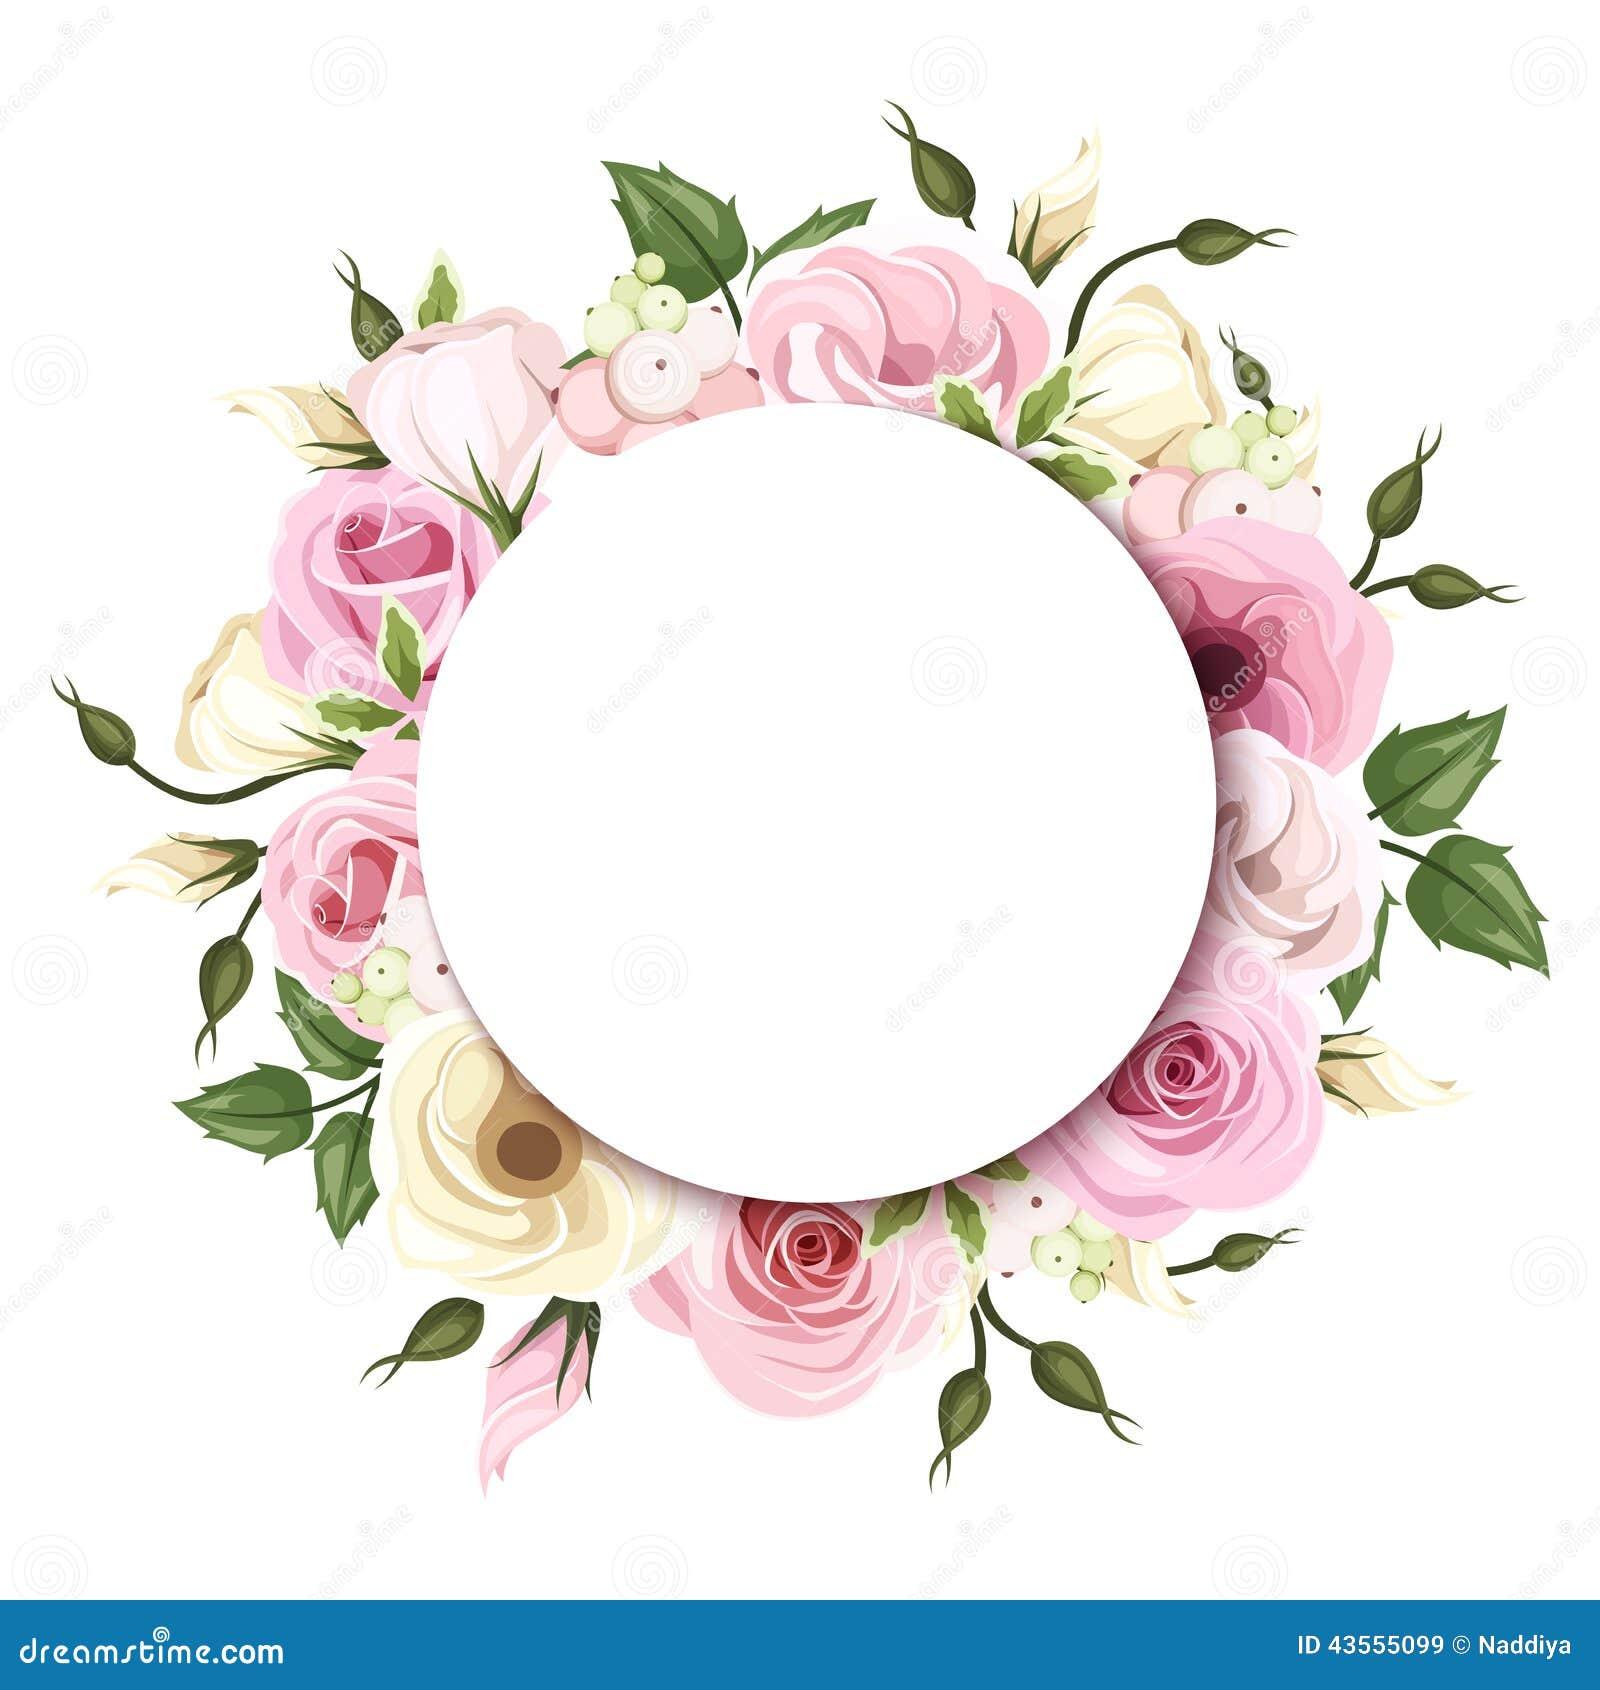 Tło z różami i lisianthus różowymi i białymi kwitnie Wektor EPS-10